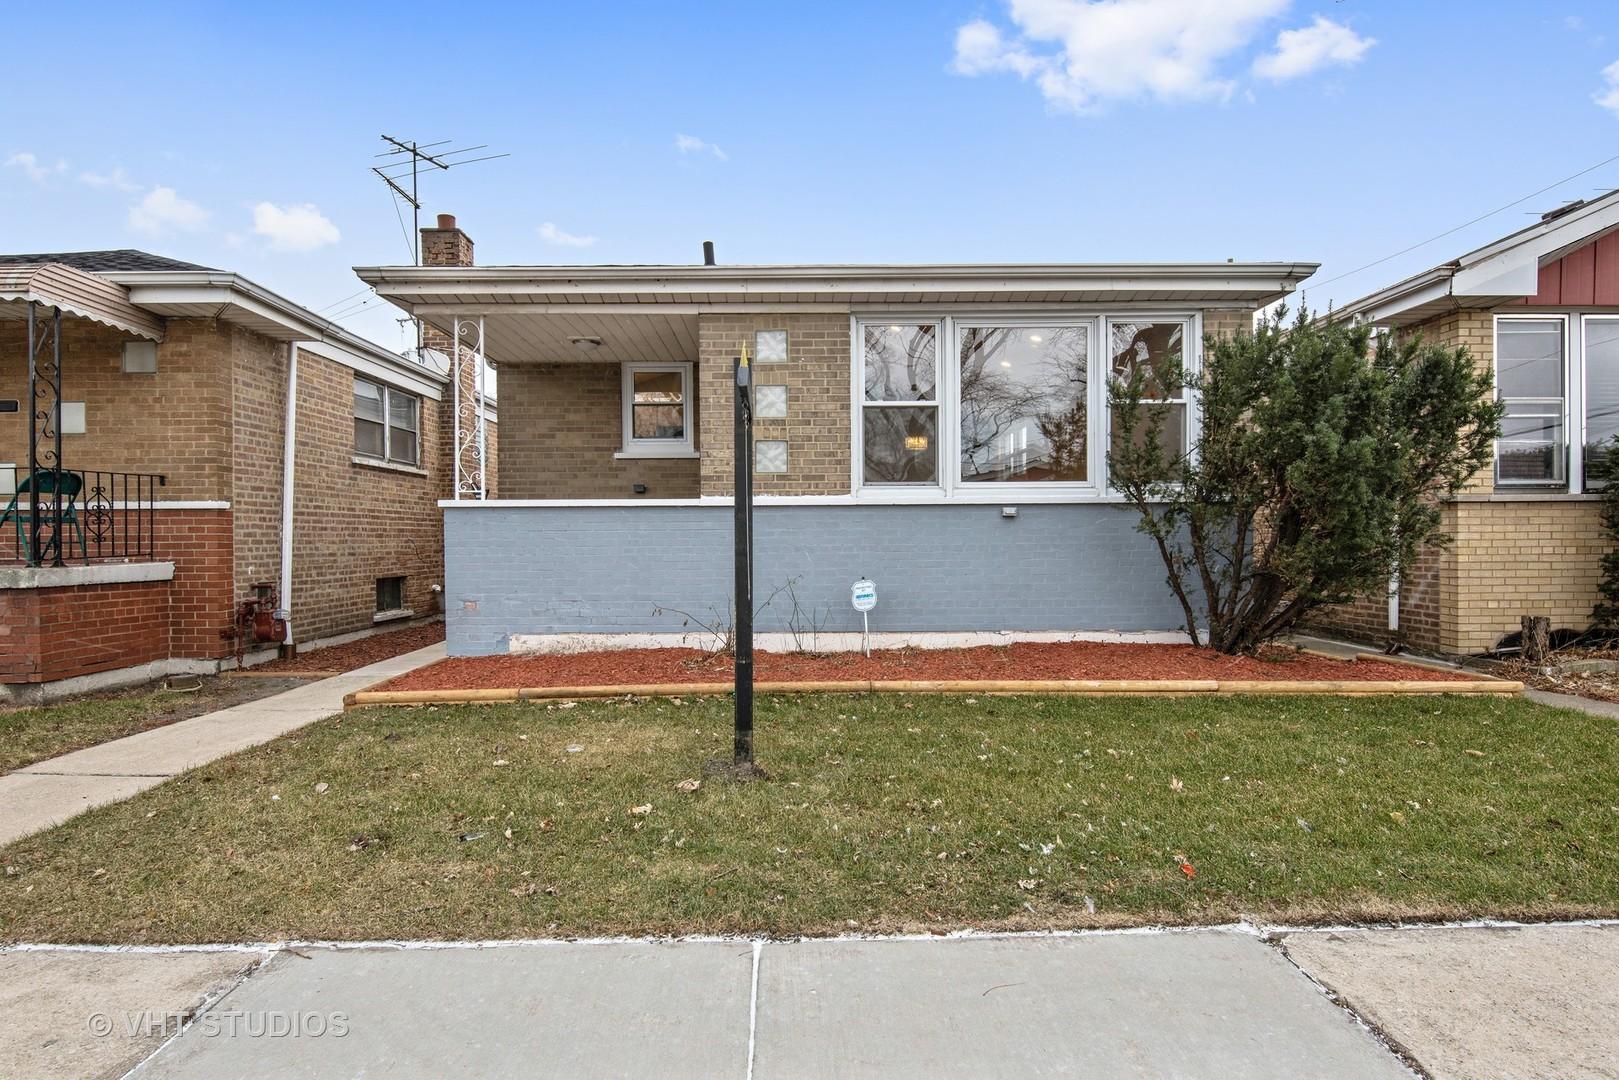 345 WEST SWANN STREET, CHICAGO, IL 60609